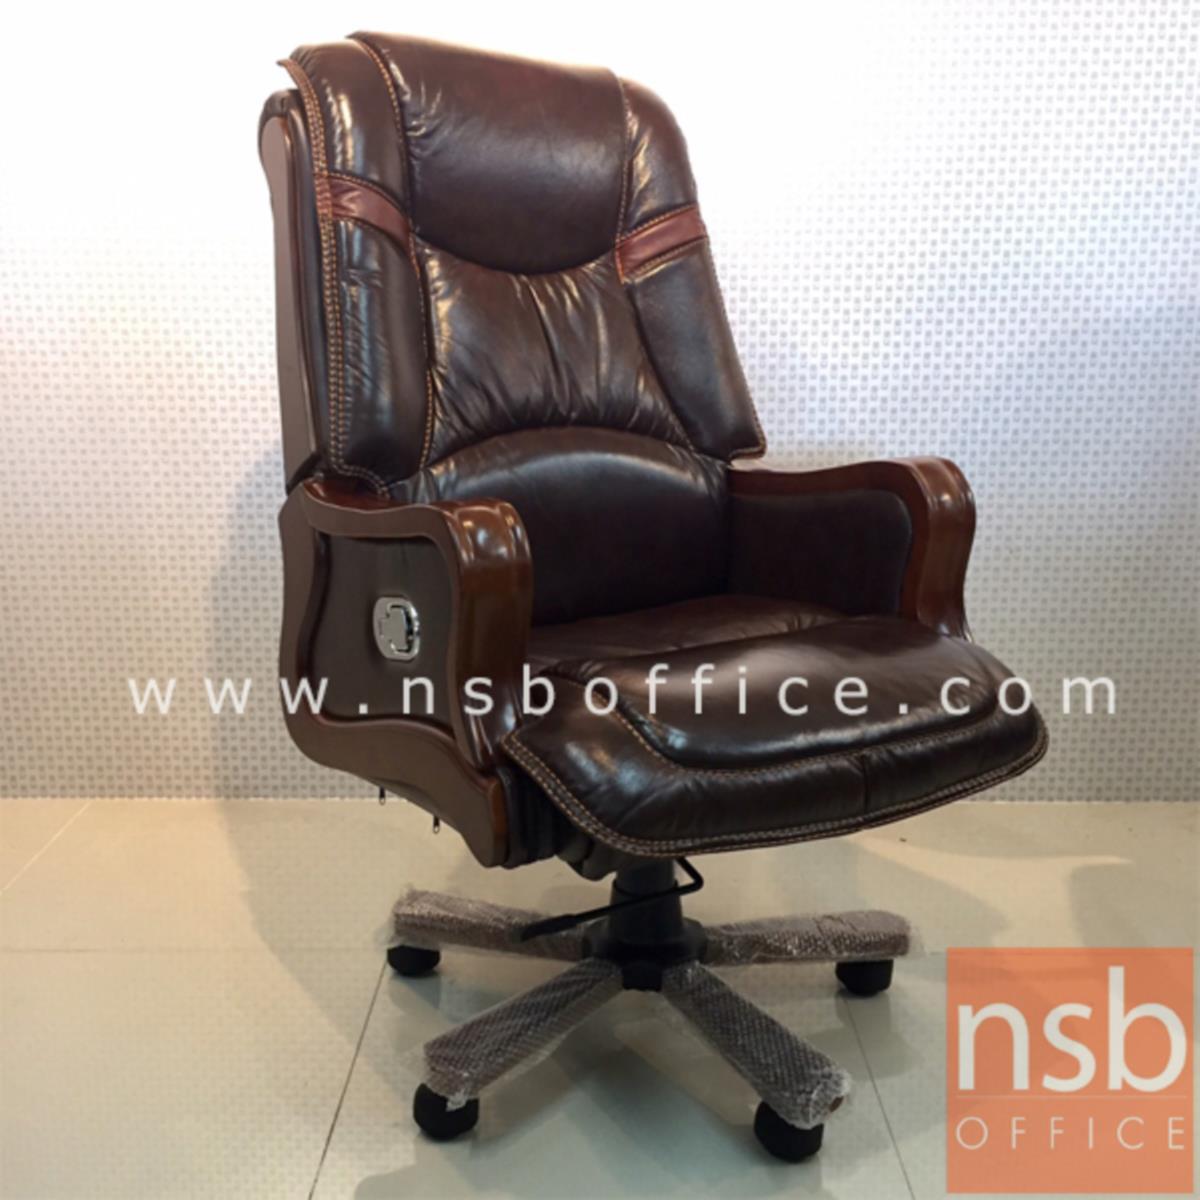 เก้าอี้ผู้บริหารหนังแท้ รุ่น Wilde (ไวลด์)  โช๊คแก๊ส ขาไม้